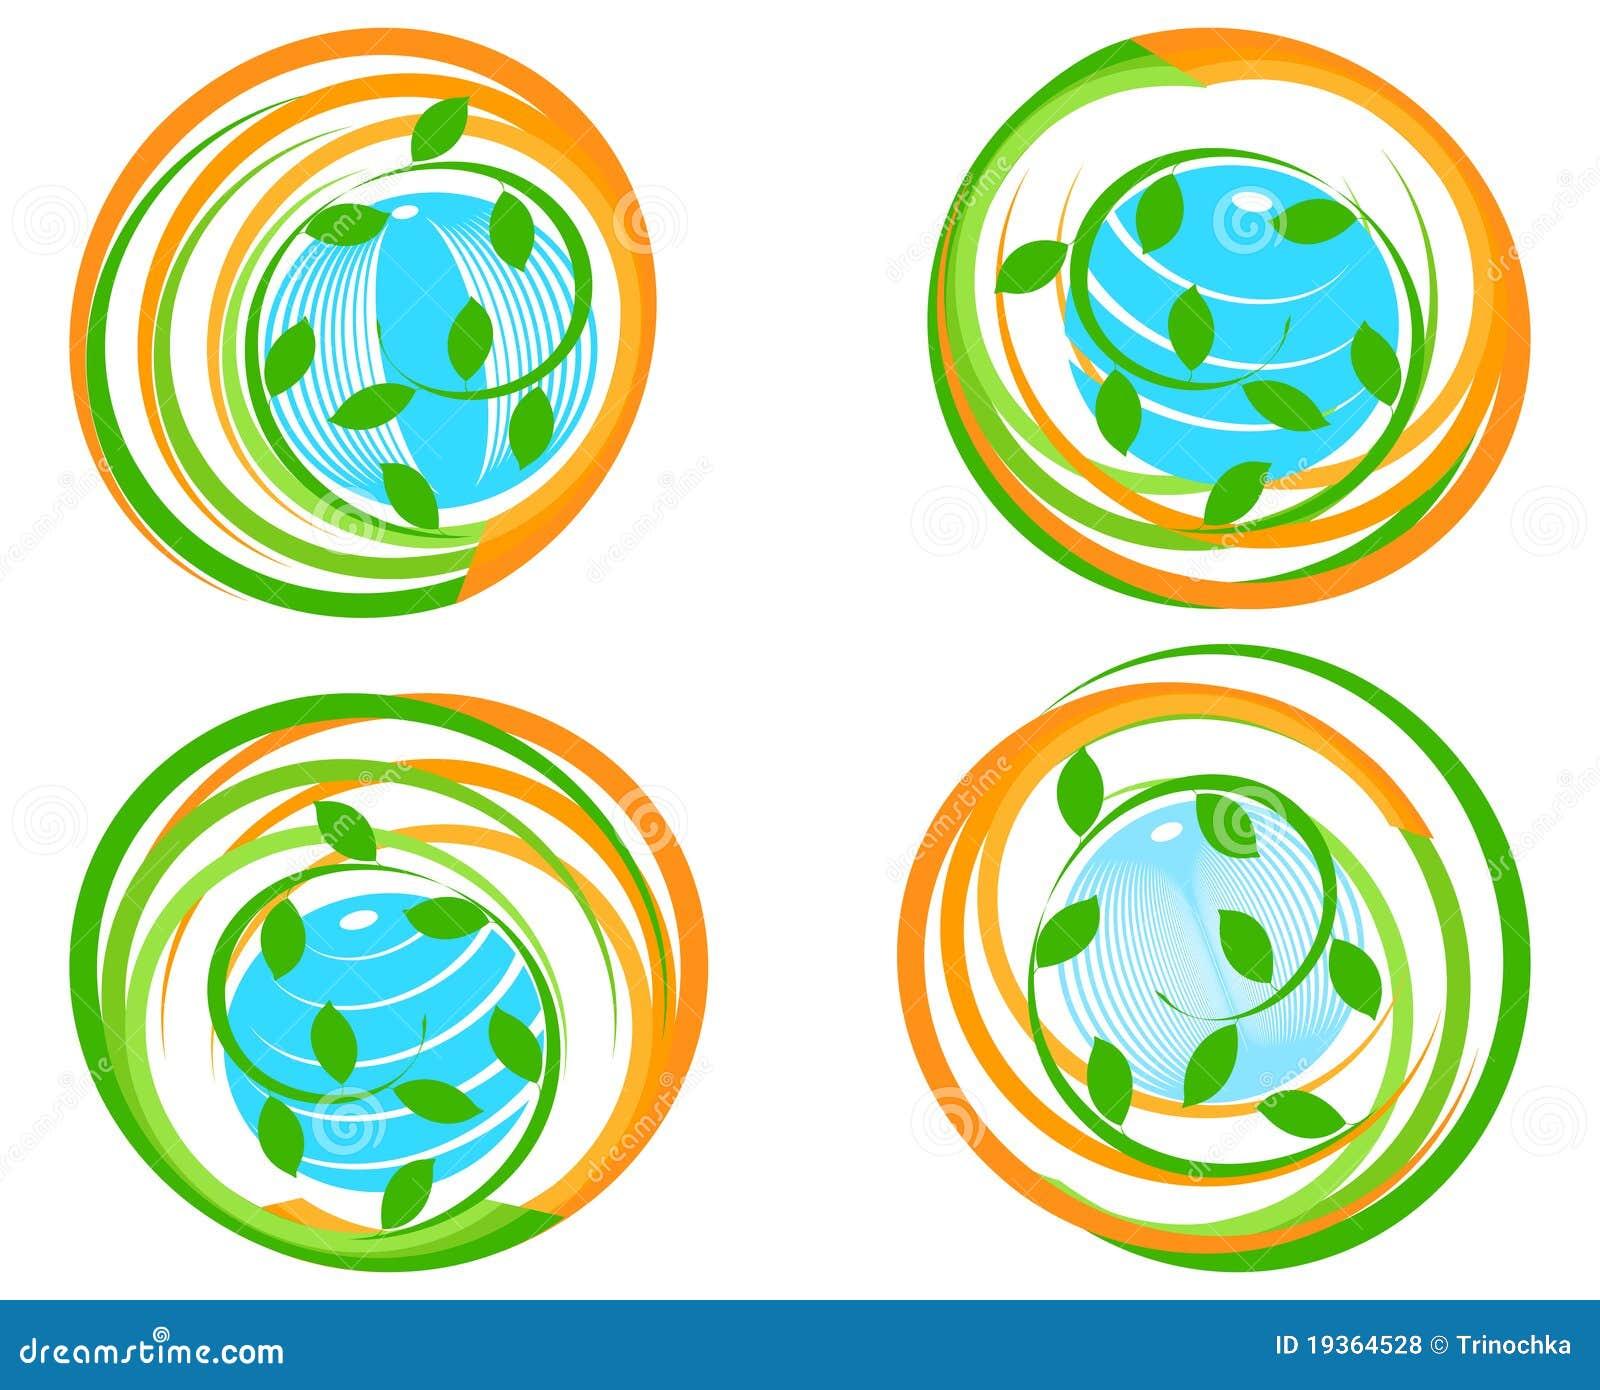 Jogo do ícones verdes com planeta.